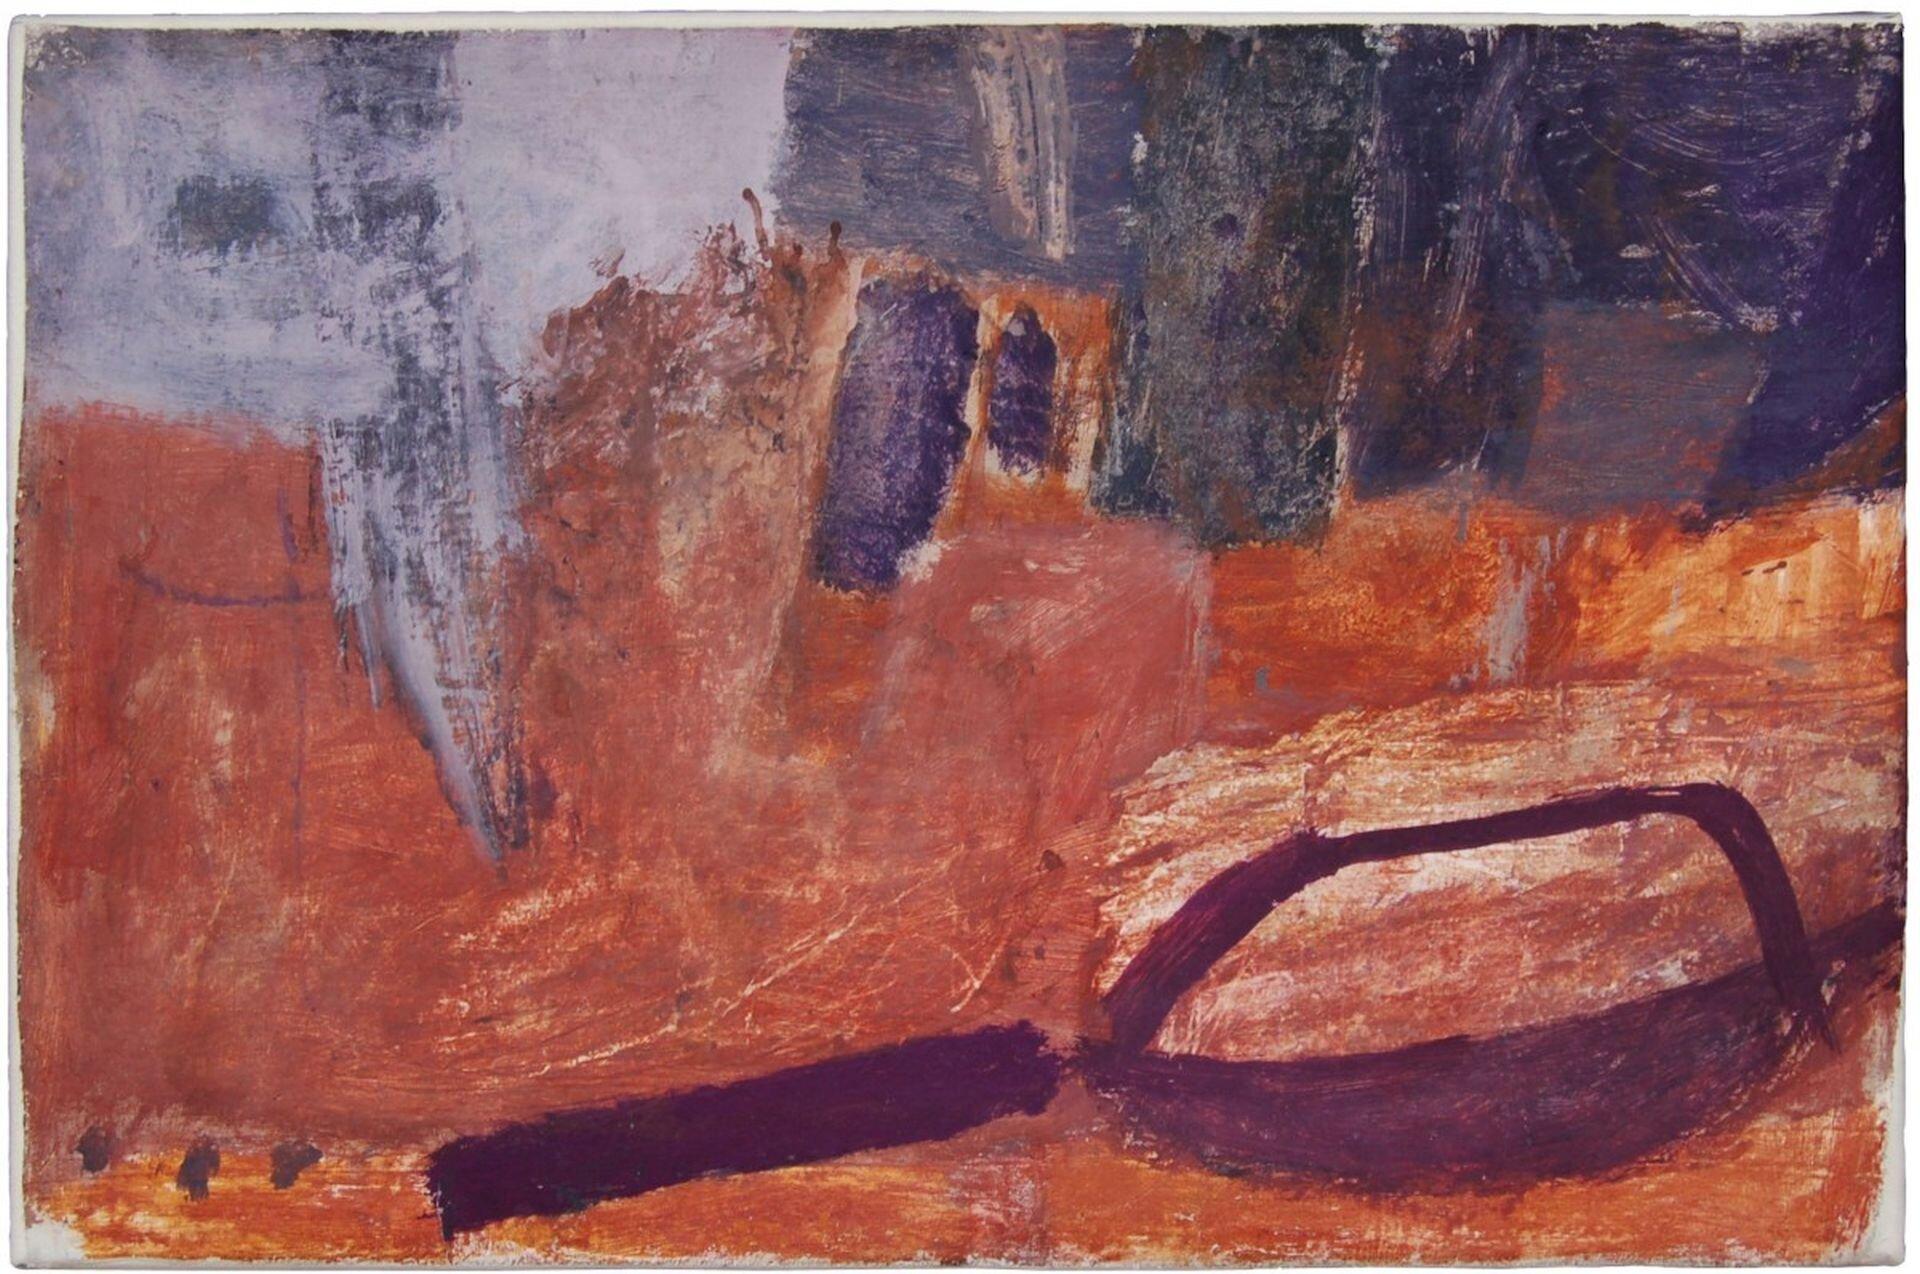 """Ilustracja przedstawia obraz Tadeusza Piotra Potworowskiego pt. """"Kompozycja"""". Nai lustracji widoczna jest rzecz kształtem przypominająca sierp lub leżącą patelnię. Rzecz ta jest brązowa, zwidoczną rękojeścią, ileży na brązowo-pomarańczowym tle."""